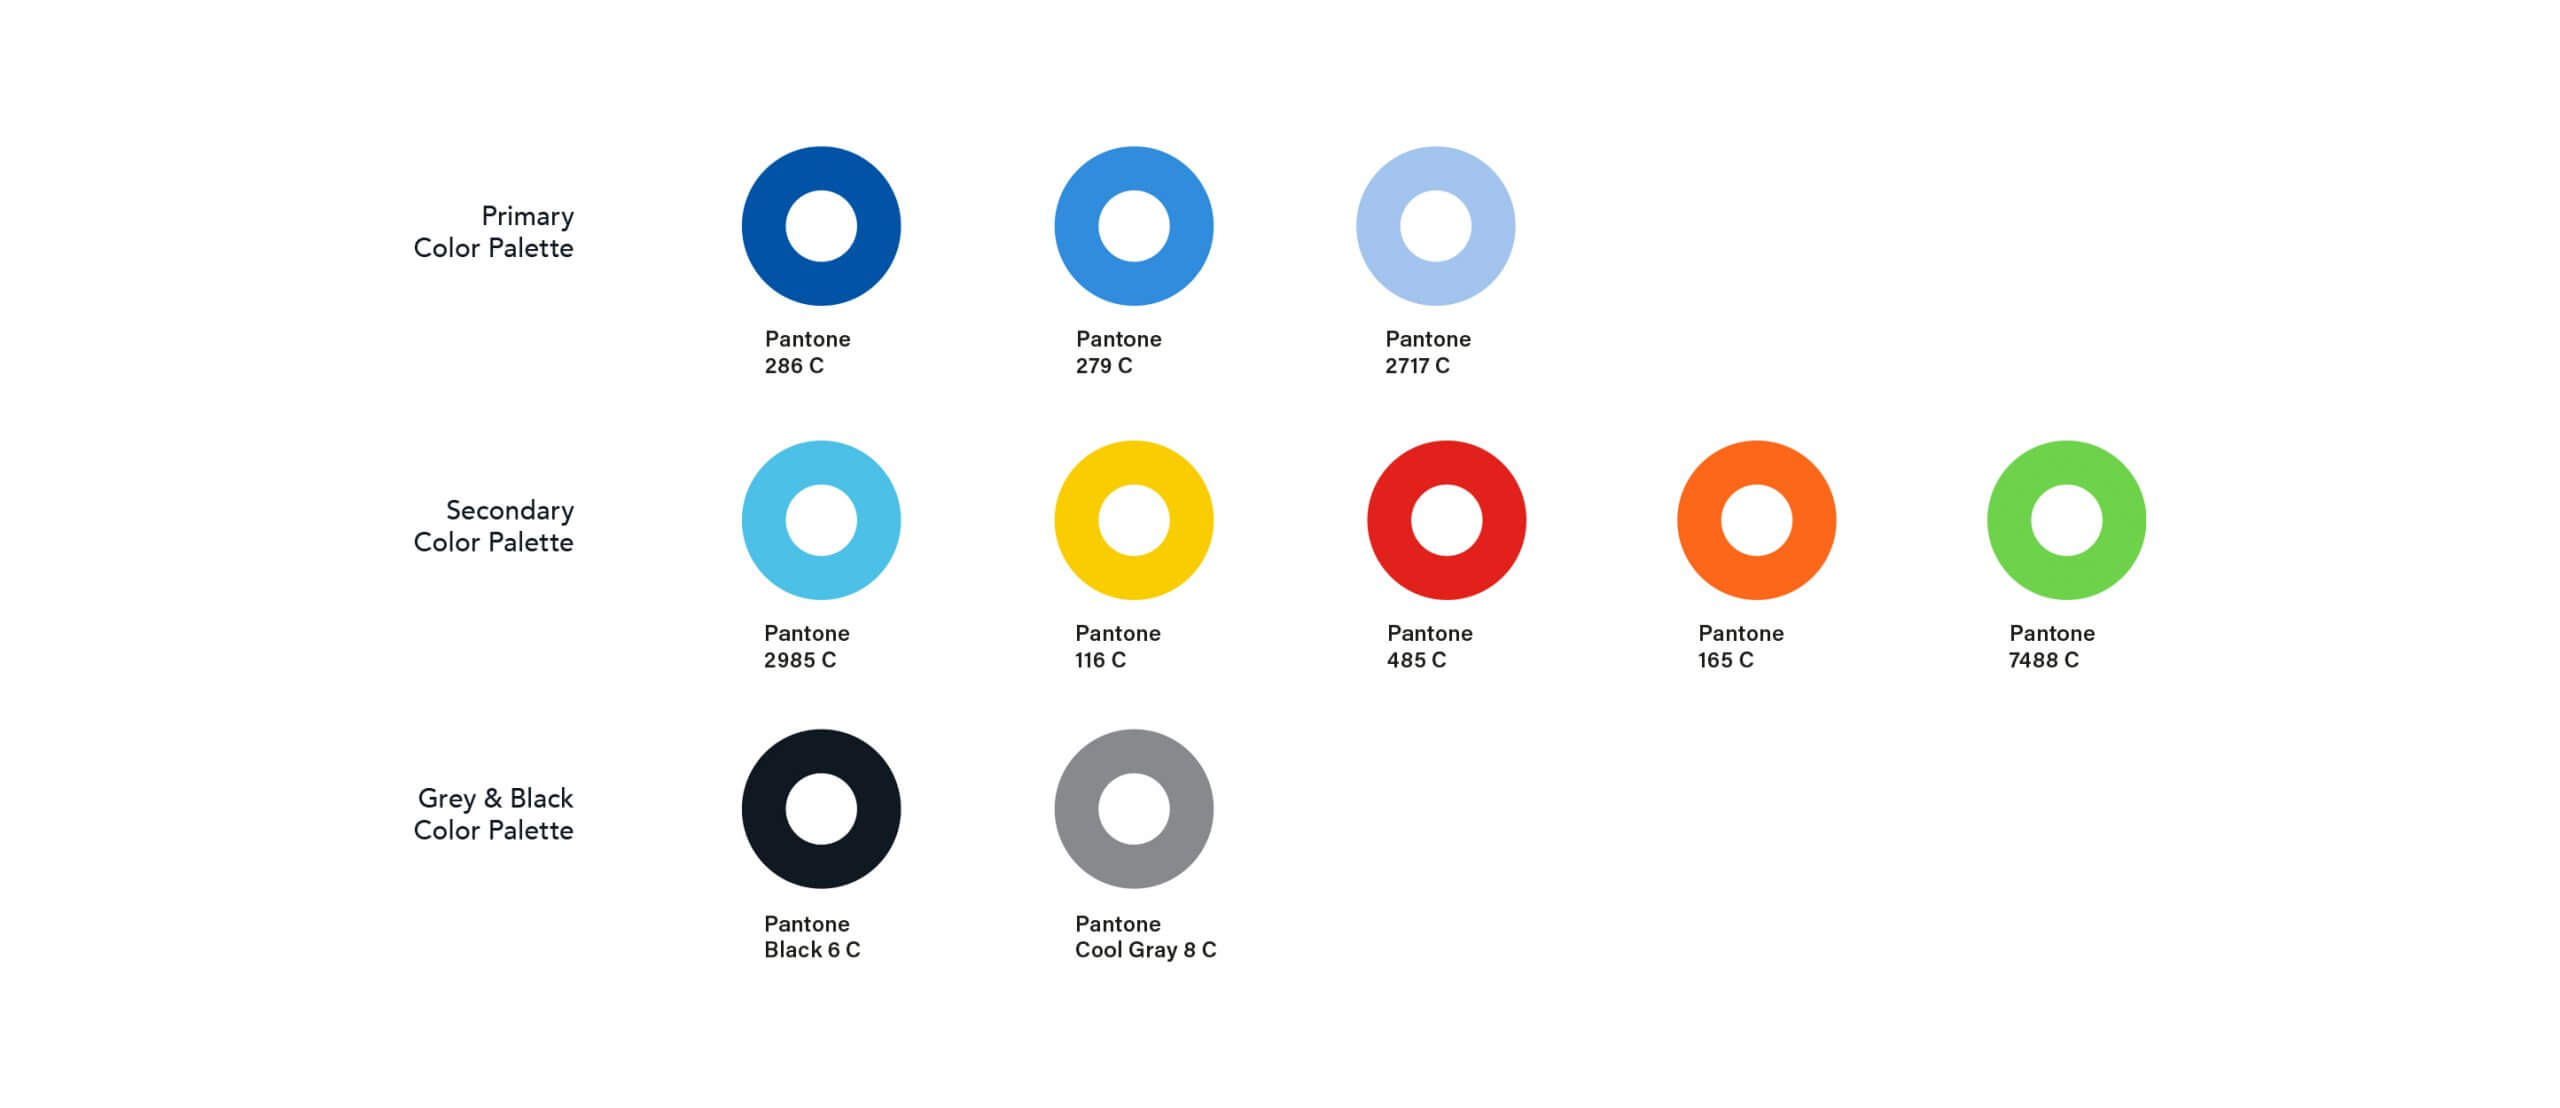 Annapporna_Brand_Colors_2020-1